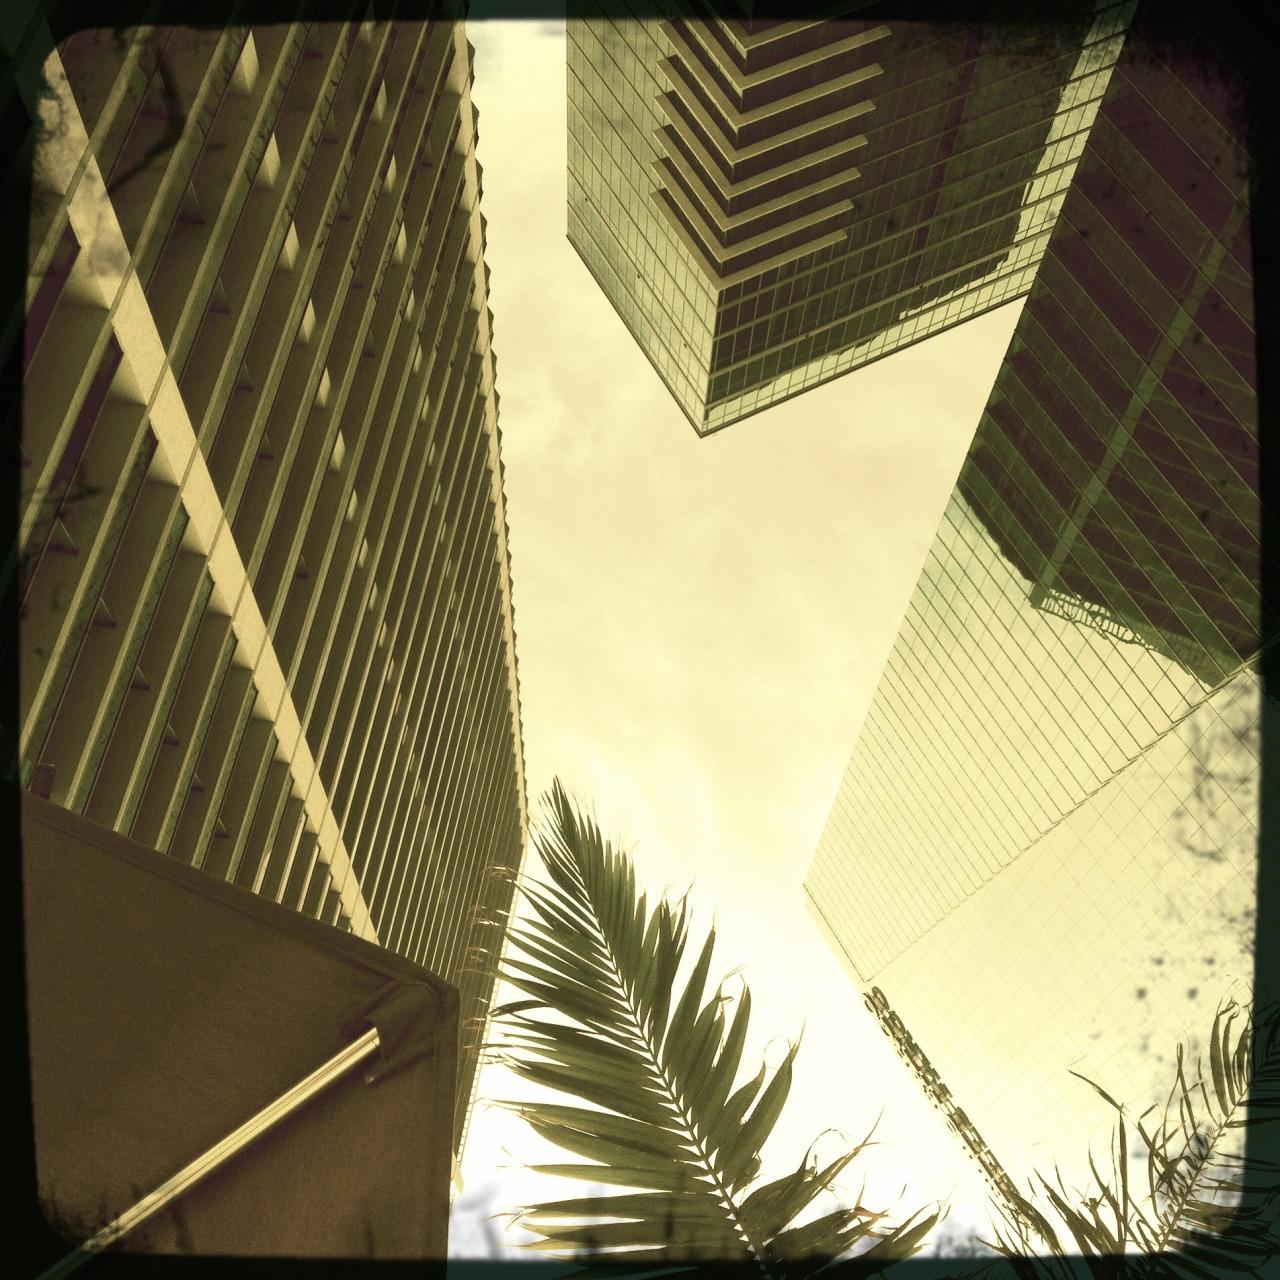 Quadriláteros no verão #miami # downtown # buildings